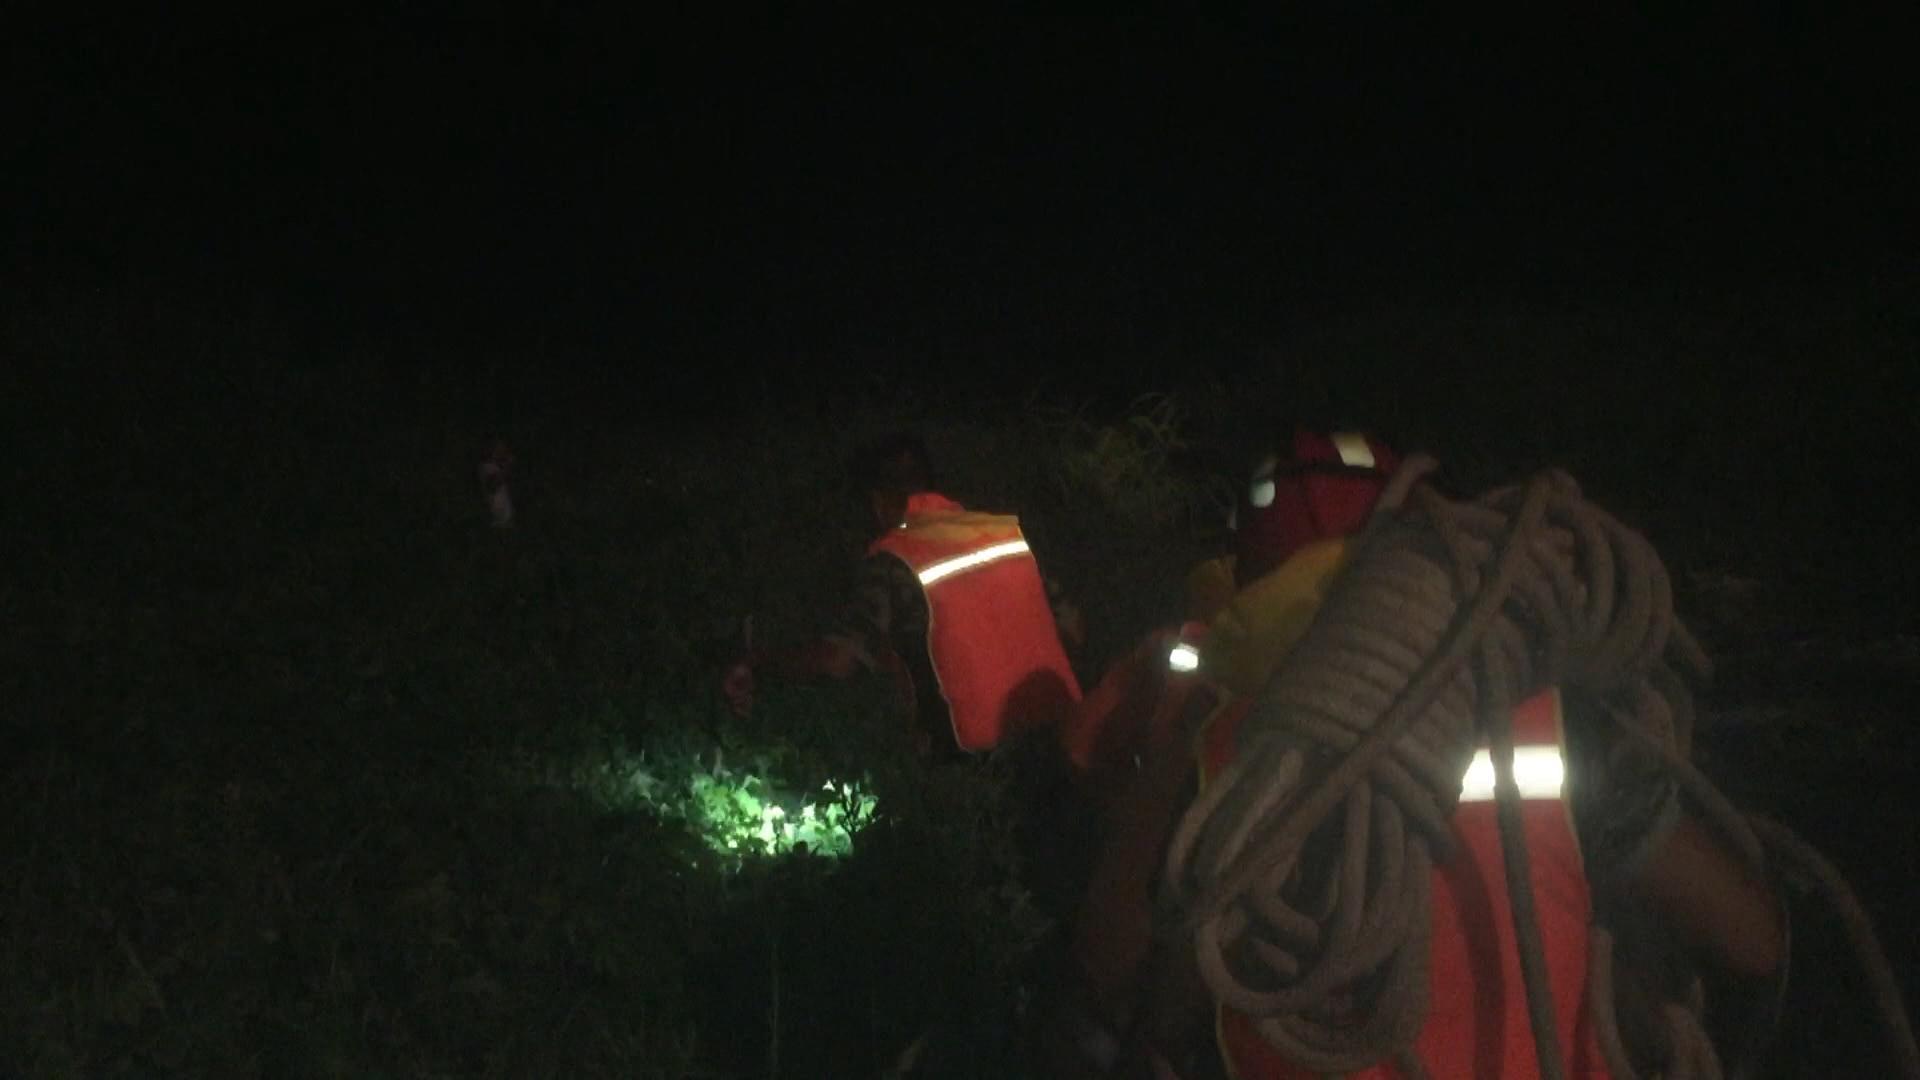 男子深夜被困河道 兖州消防紧急救援